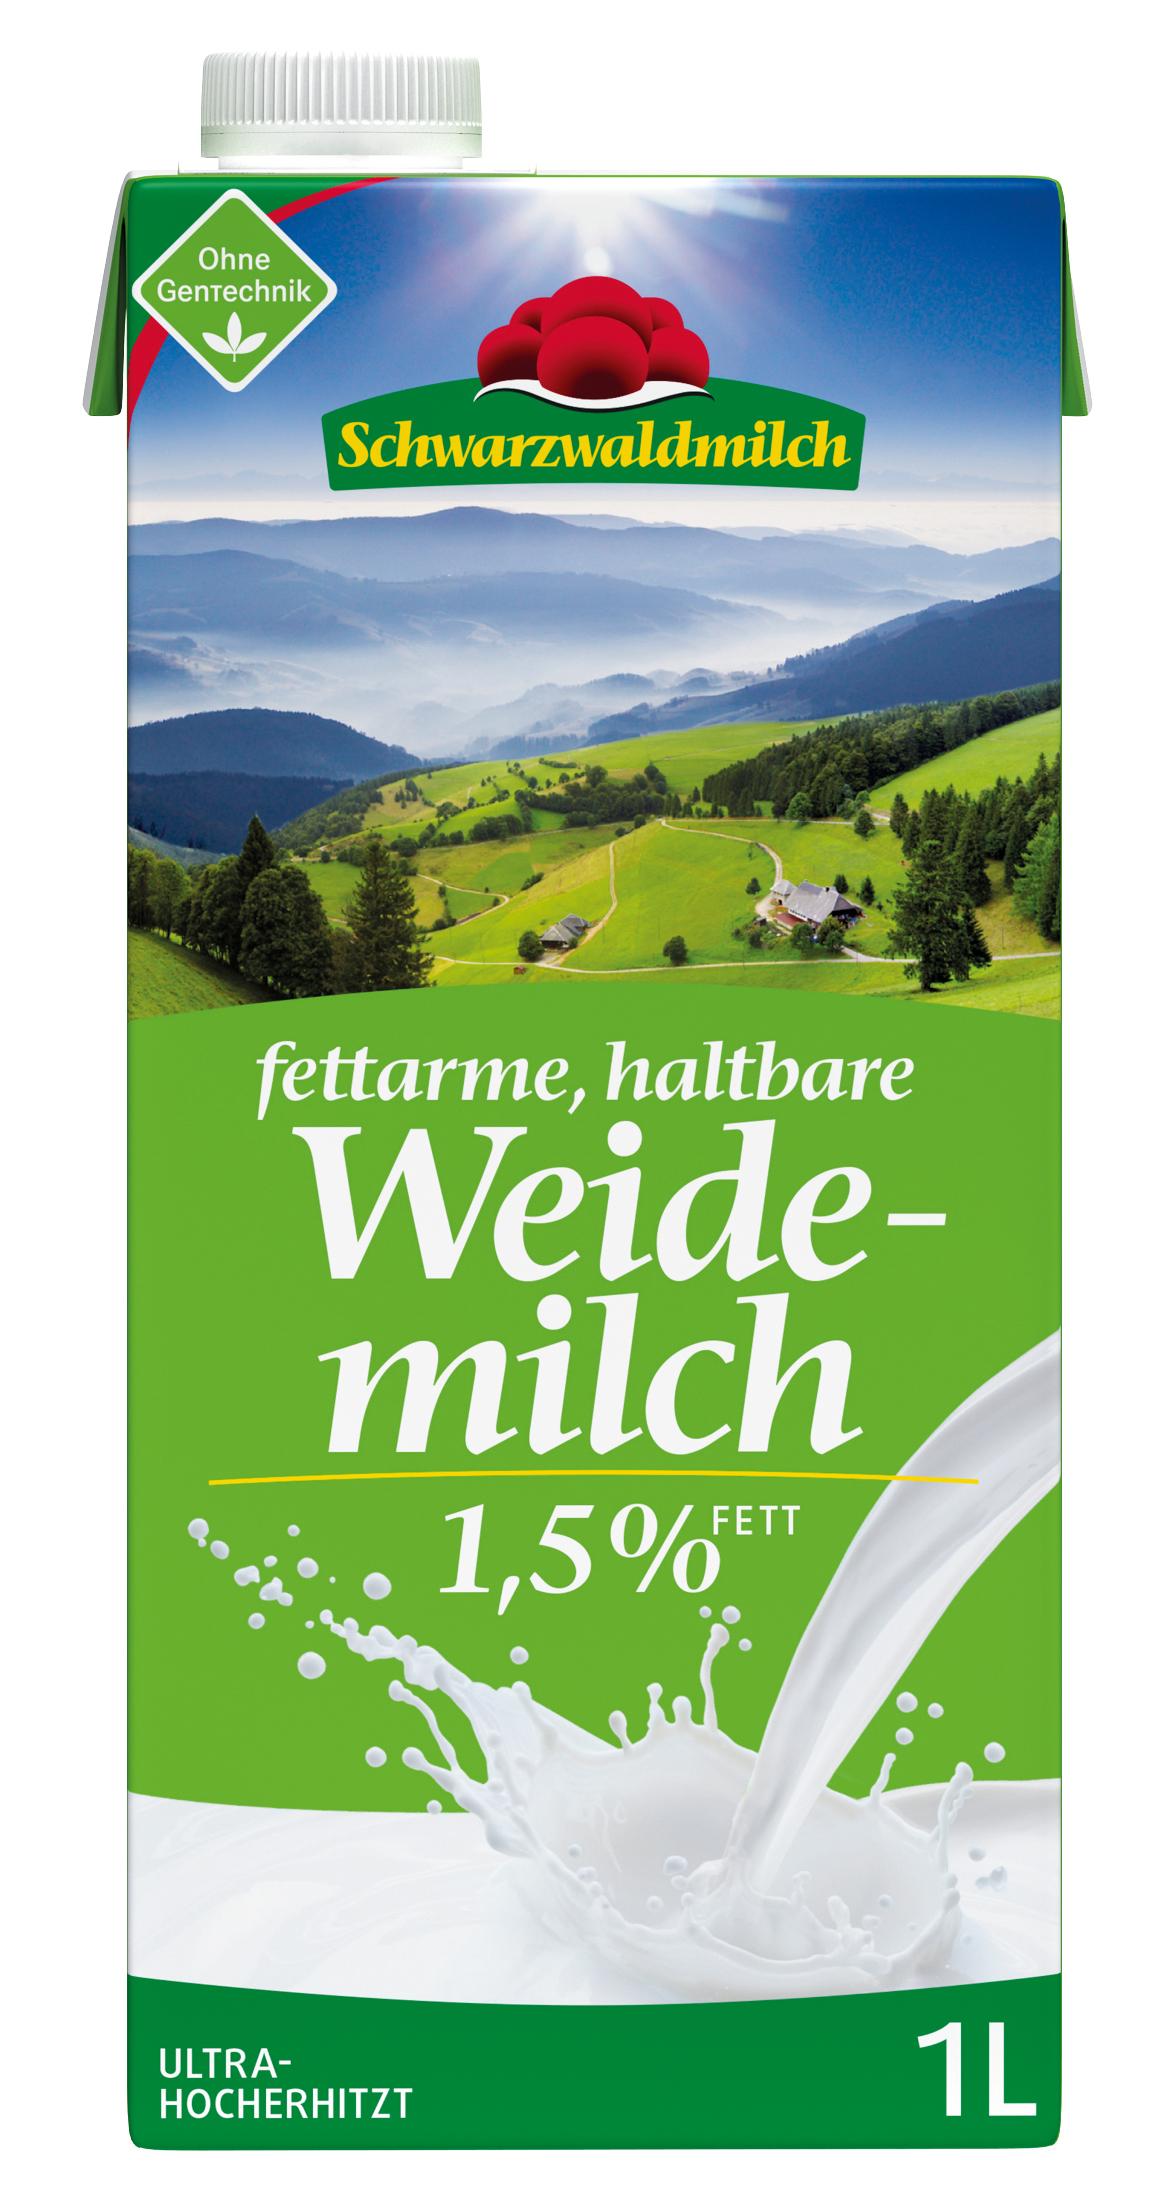 Schwarzwaldmilch 1,5 %